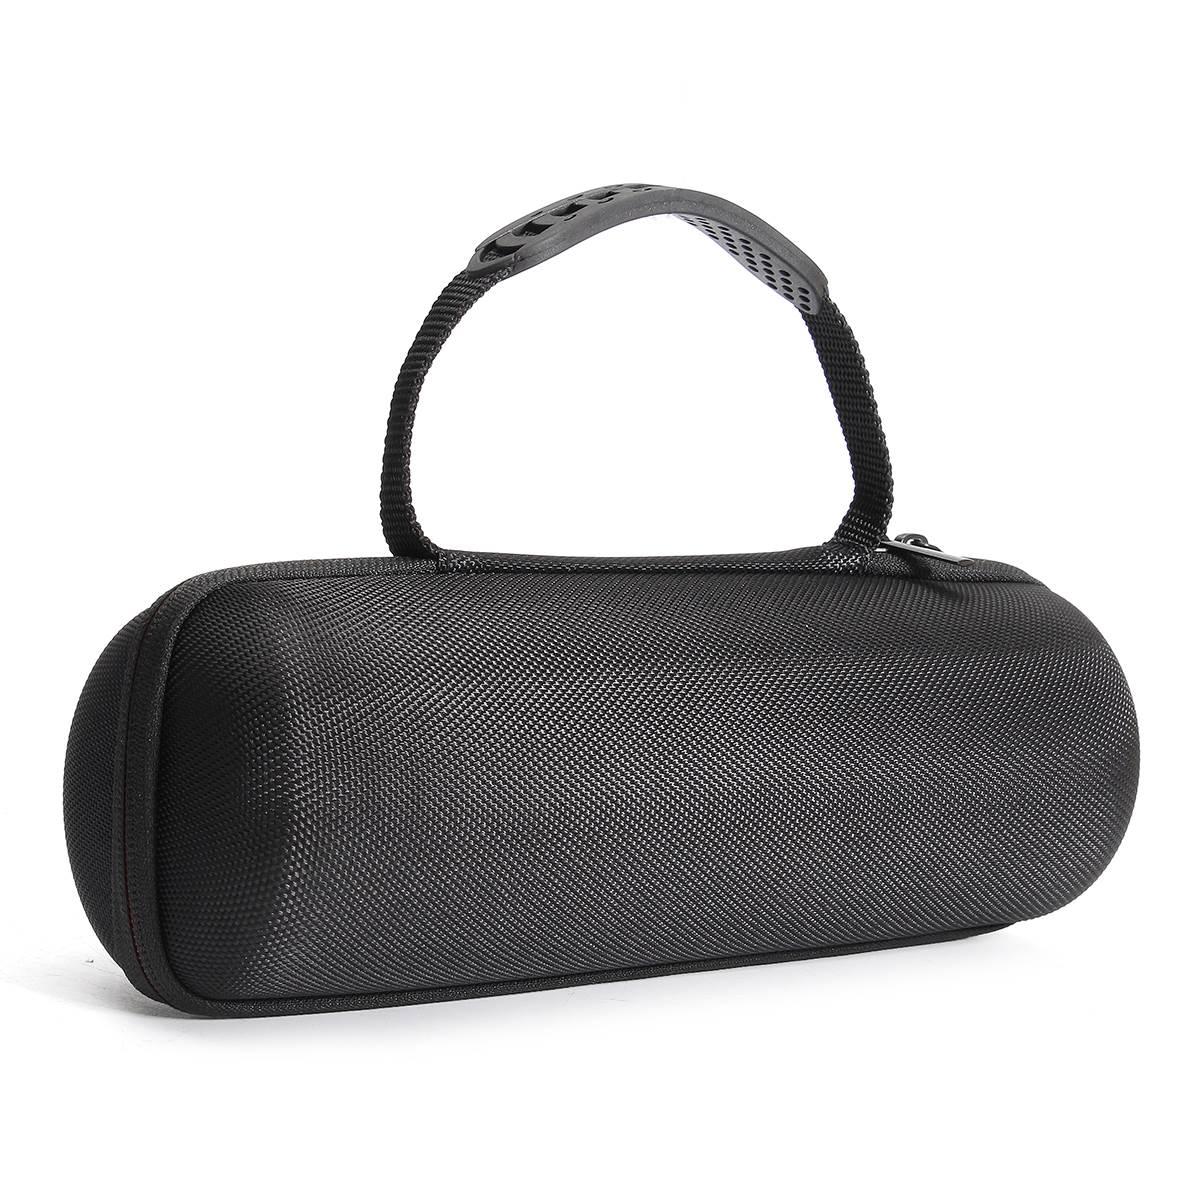 Beste Portable Hard Tragetasche Box Schutzhülle Fall Für JBL Ladung 3 Bluetooth Lautsprecher Pouch